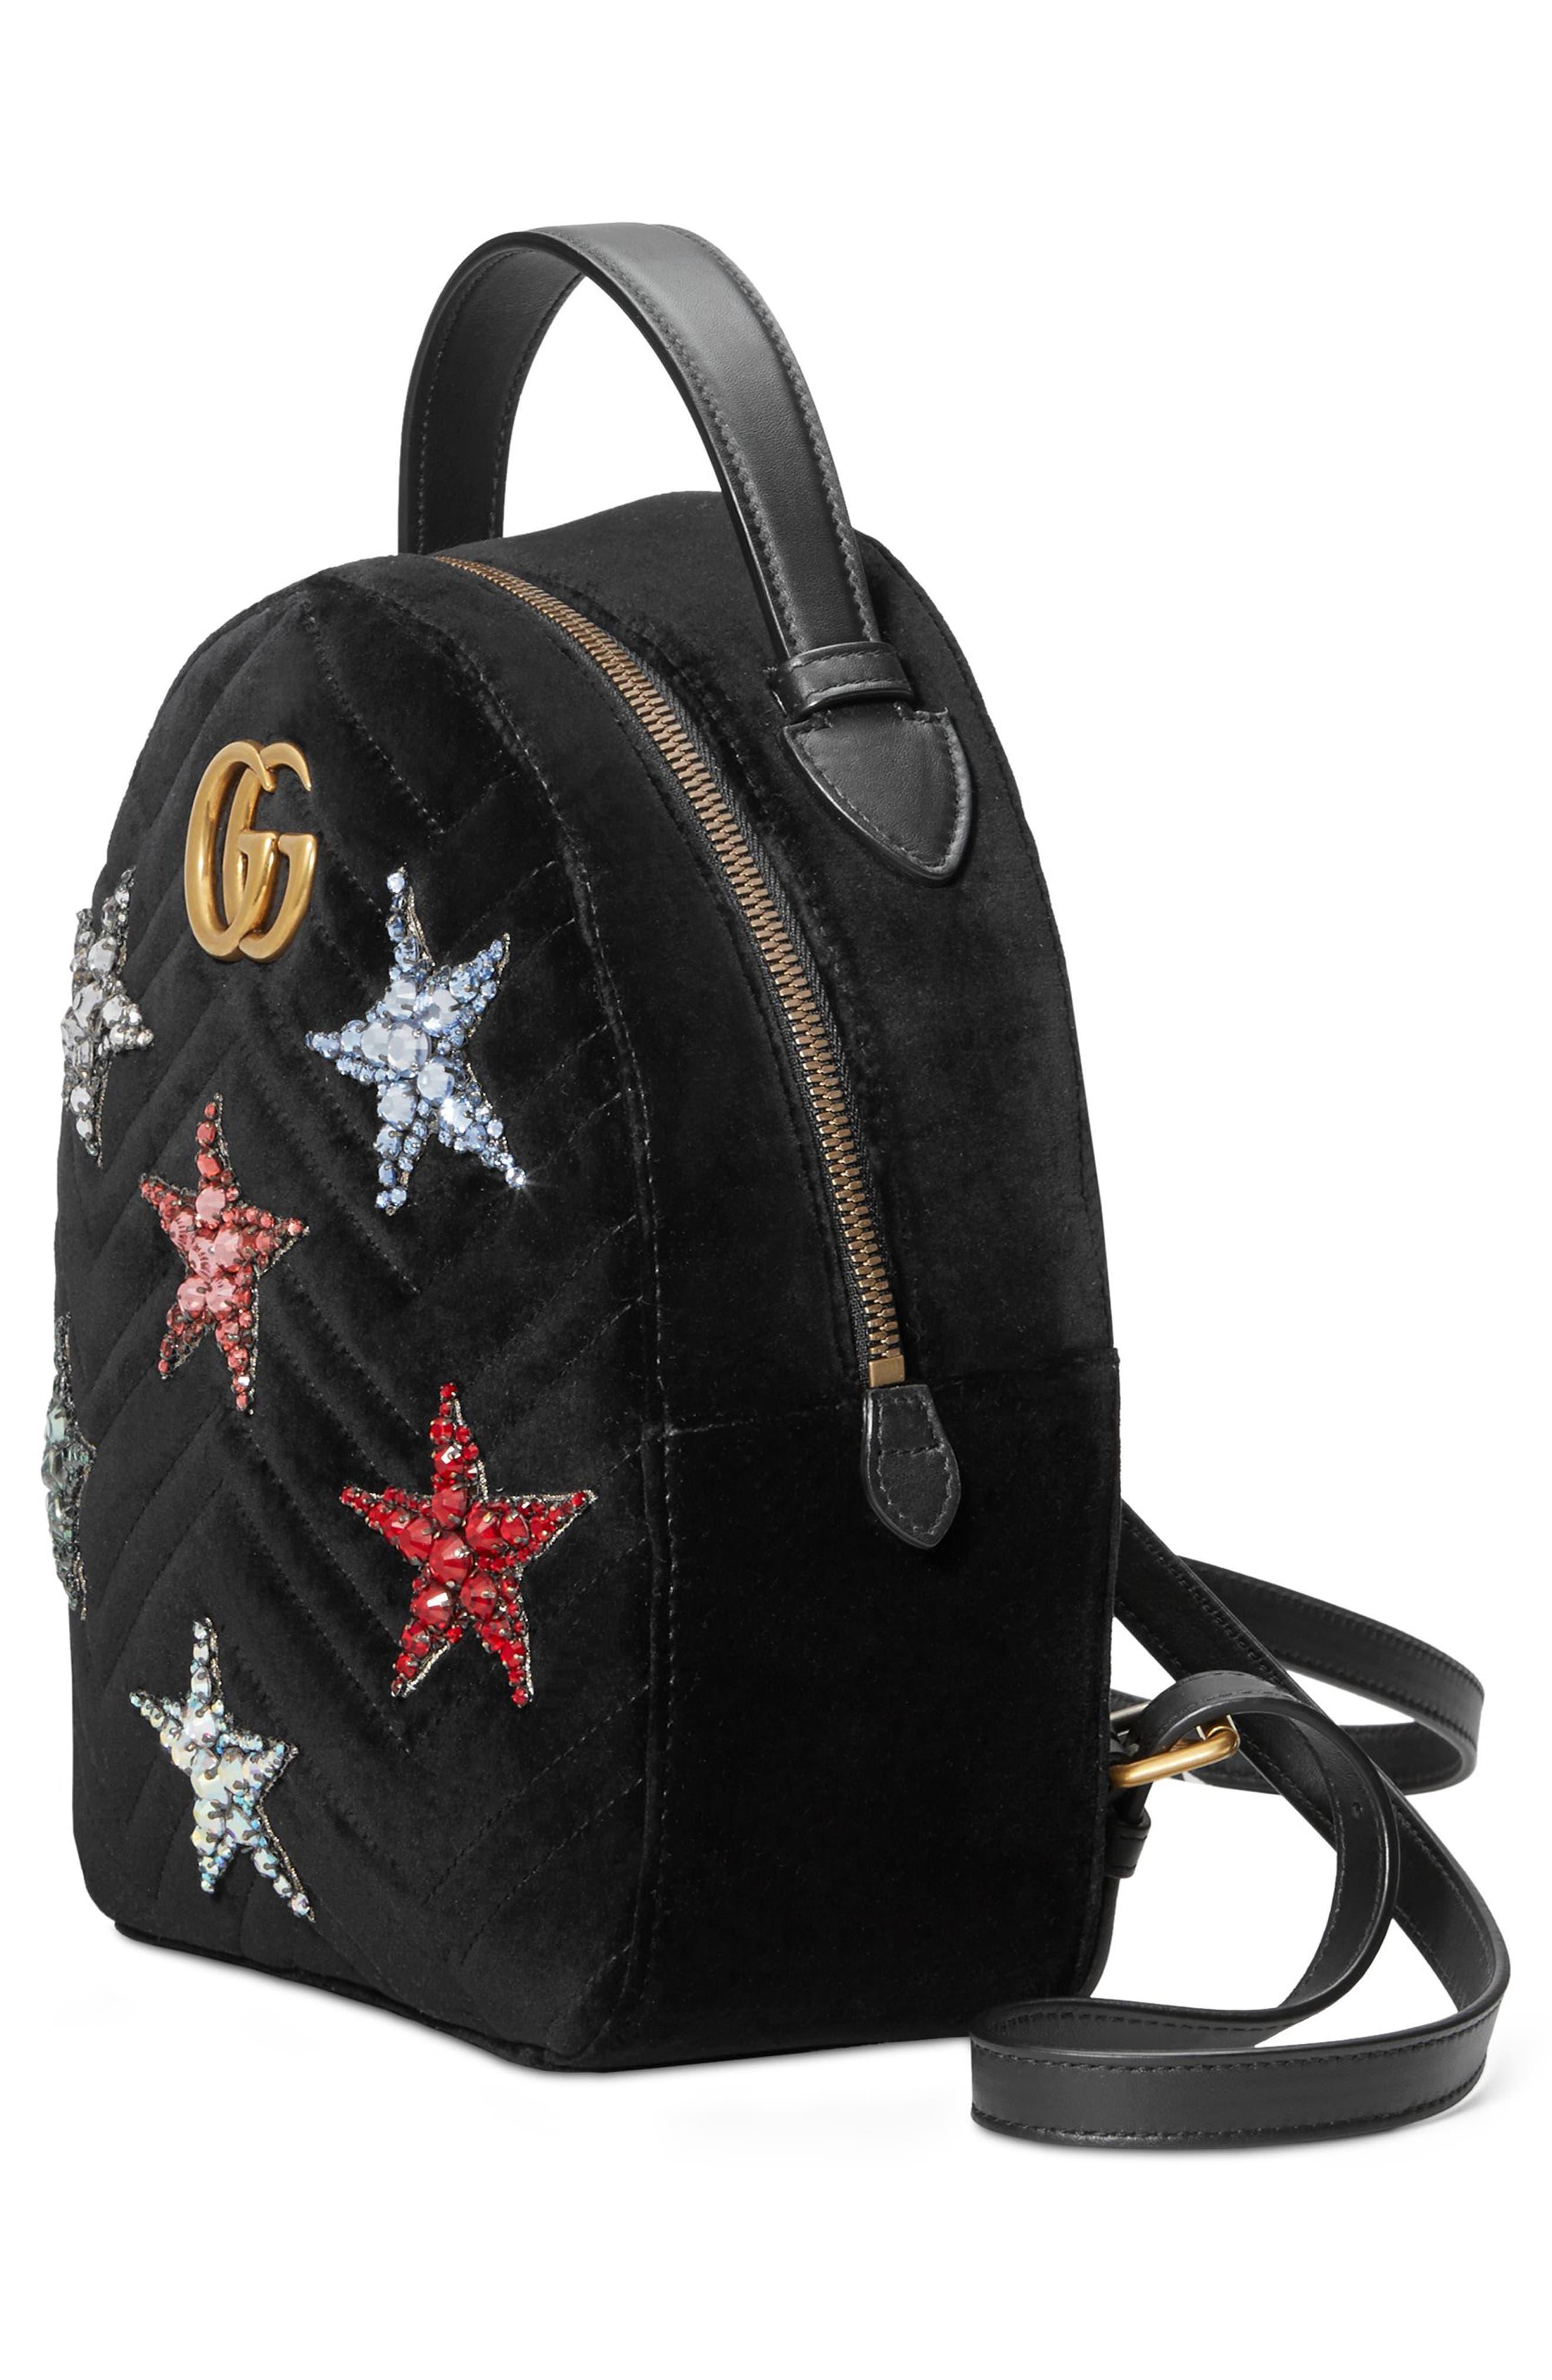 Marmont 2.0 Crystal Stars Velvet Backpack,                             Alternate thumbnail 3, color,                             NERO/ NERO MULTI